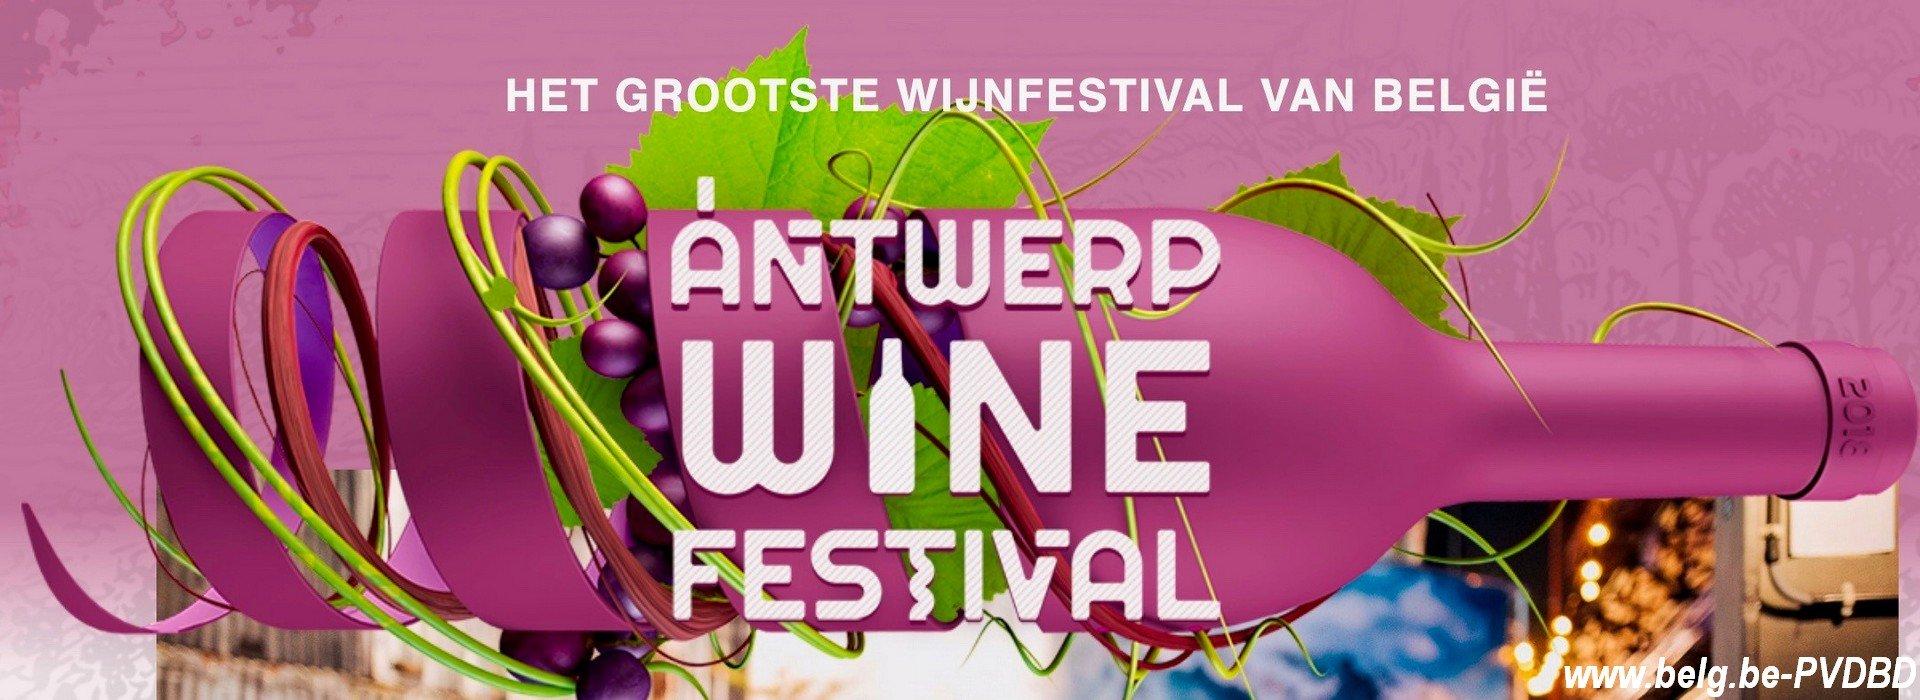 Rollende tonnen, wijnstampers en de beste wijnen vanaf vandaag het gratis 3-daags Antwerp Wine Festival! - Affiche Antwerp Fine Festival 1